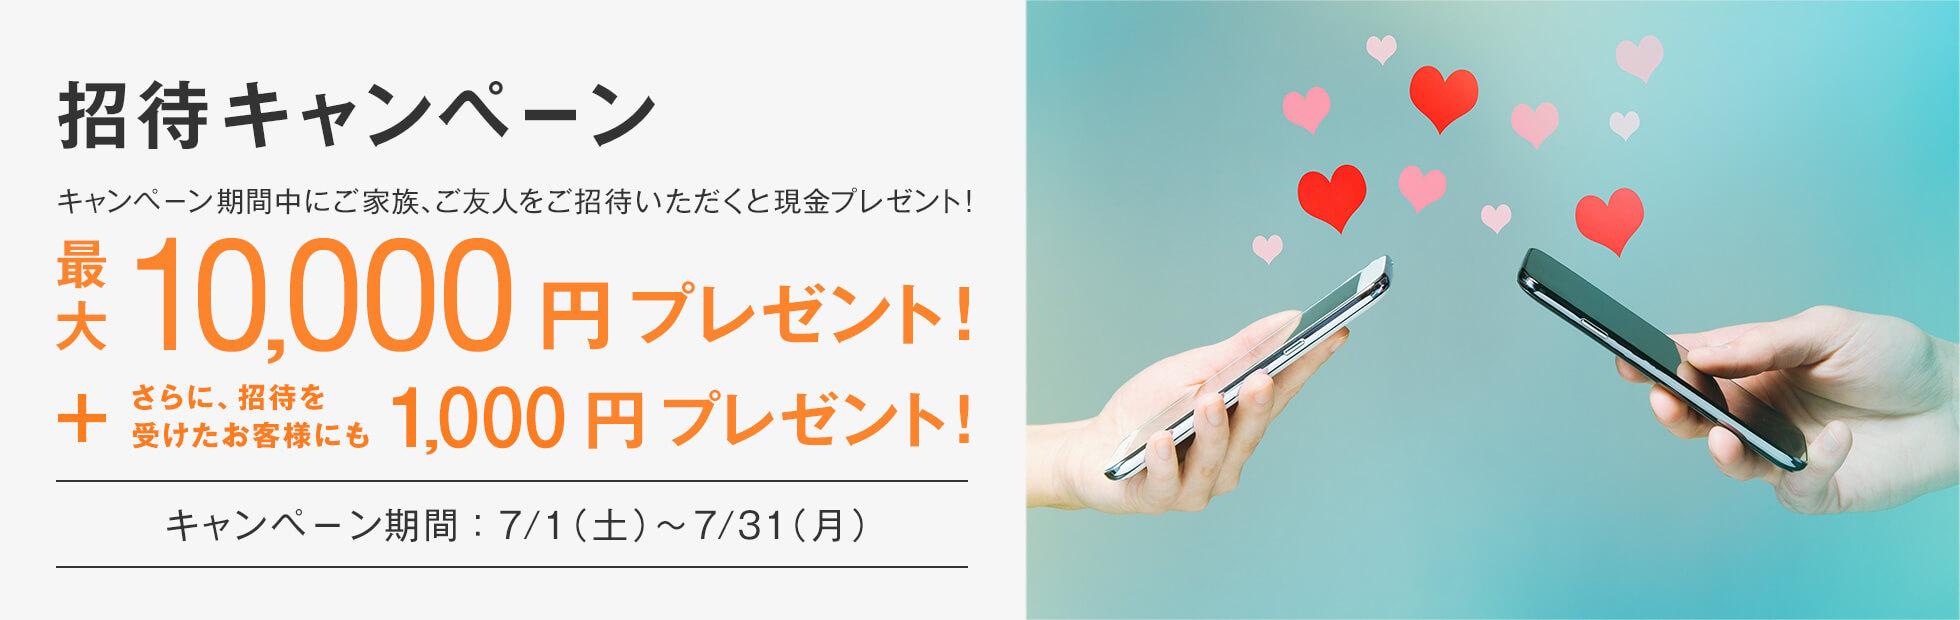 招待キャンペーン:キャンペーン期間中にご家族、ご友人をご招待いただくと最大10,000円プレゼント!さらに、招待を受けたご友人にも1,000円プレゼント!2017年7月1日(土)から2017年7月31日(月)まで